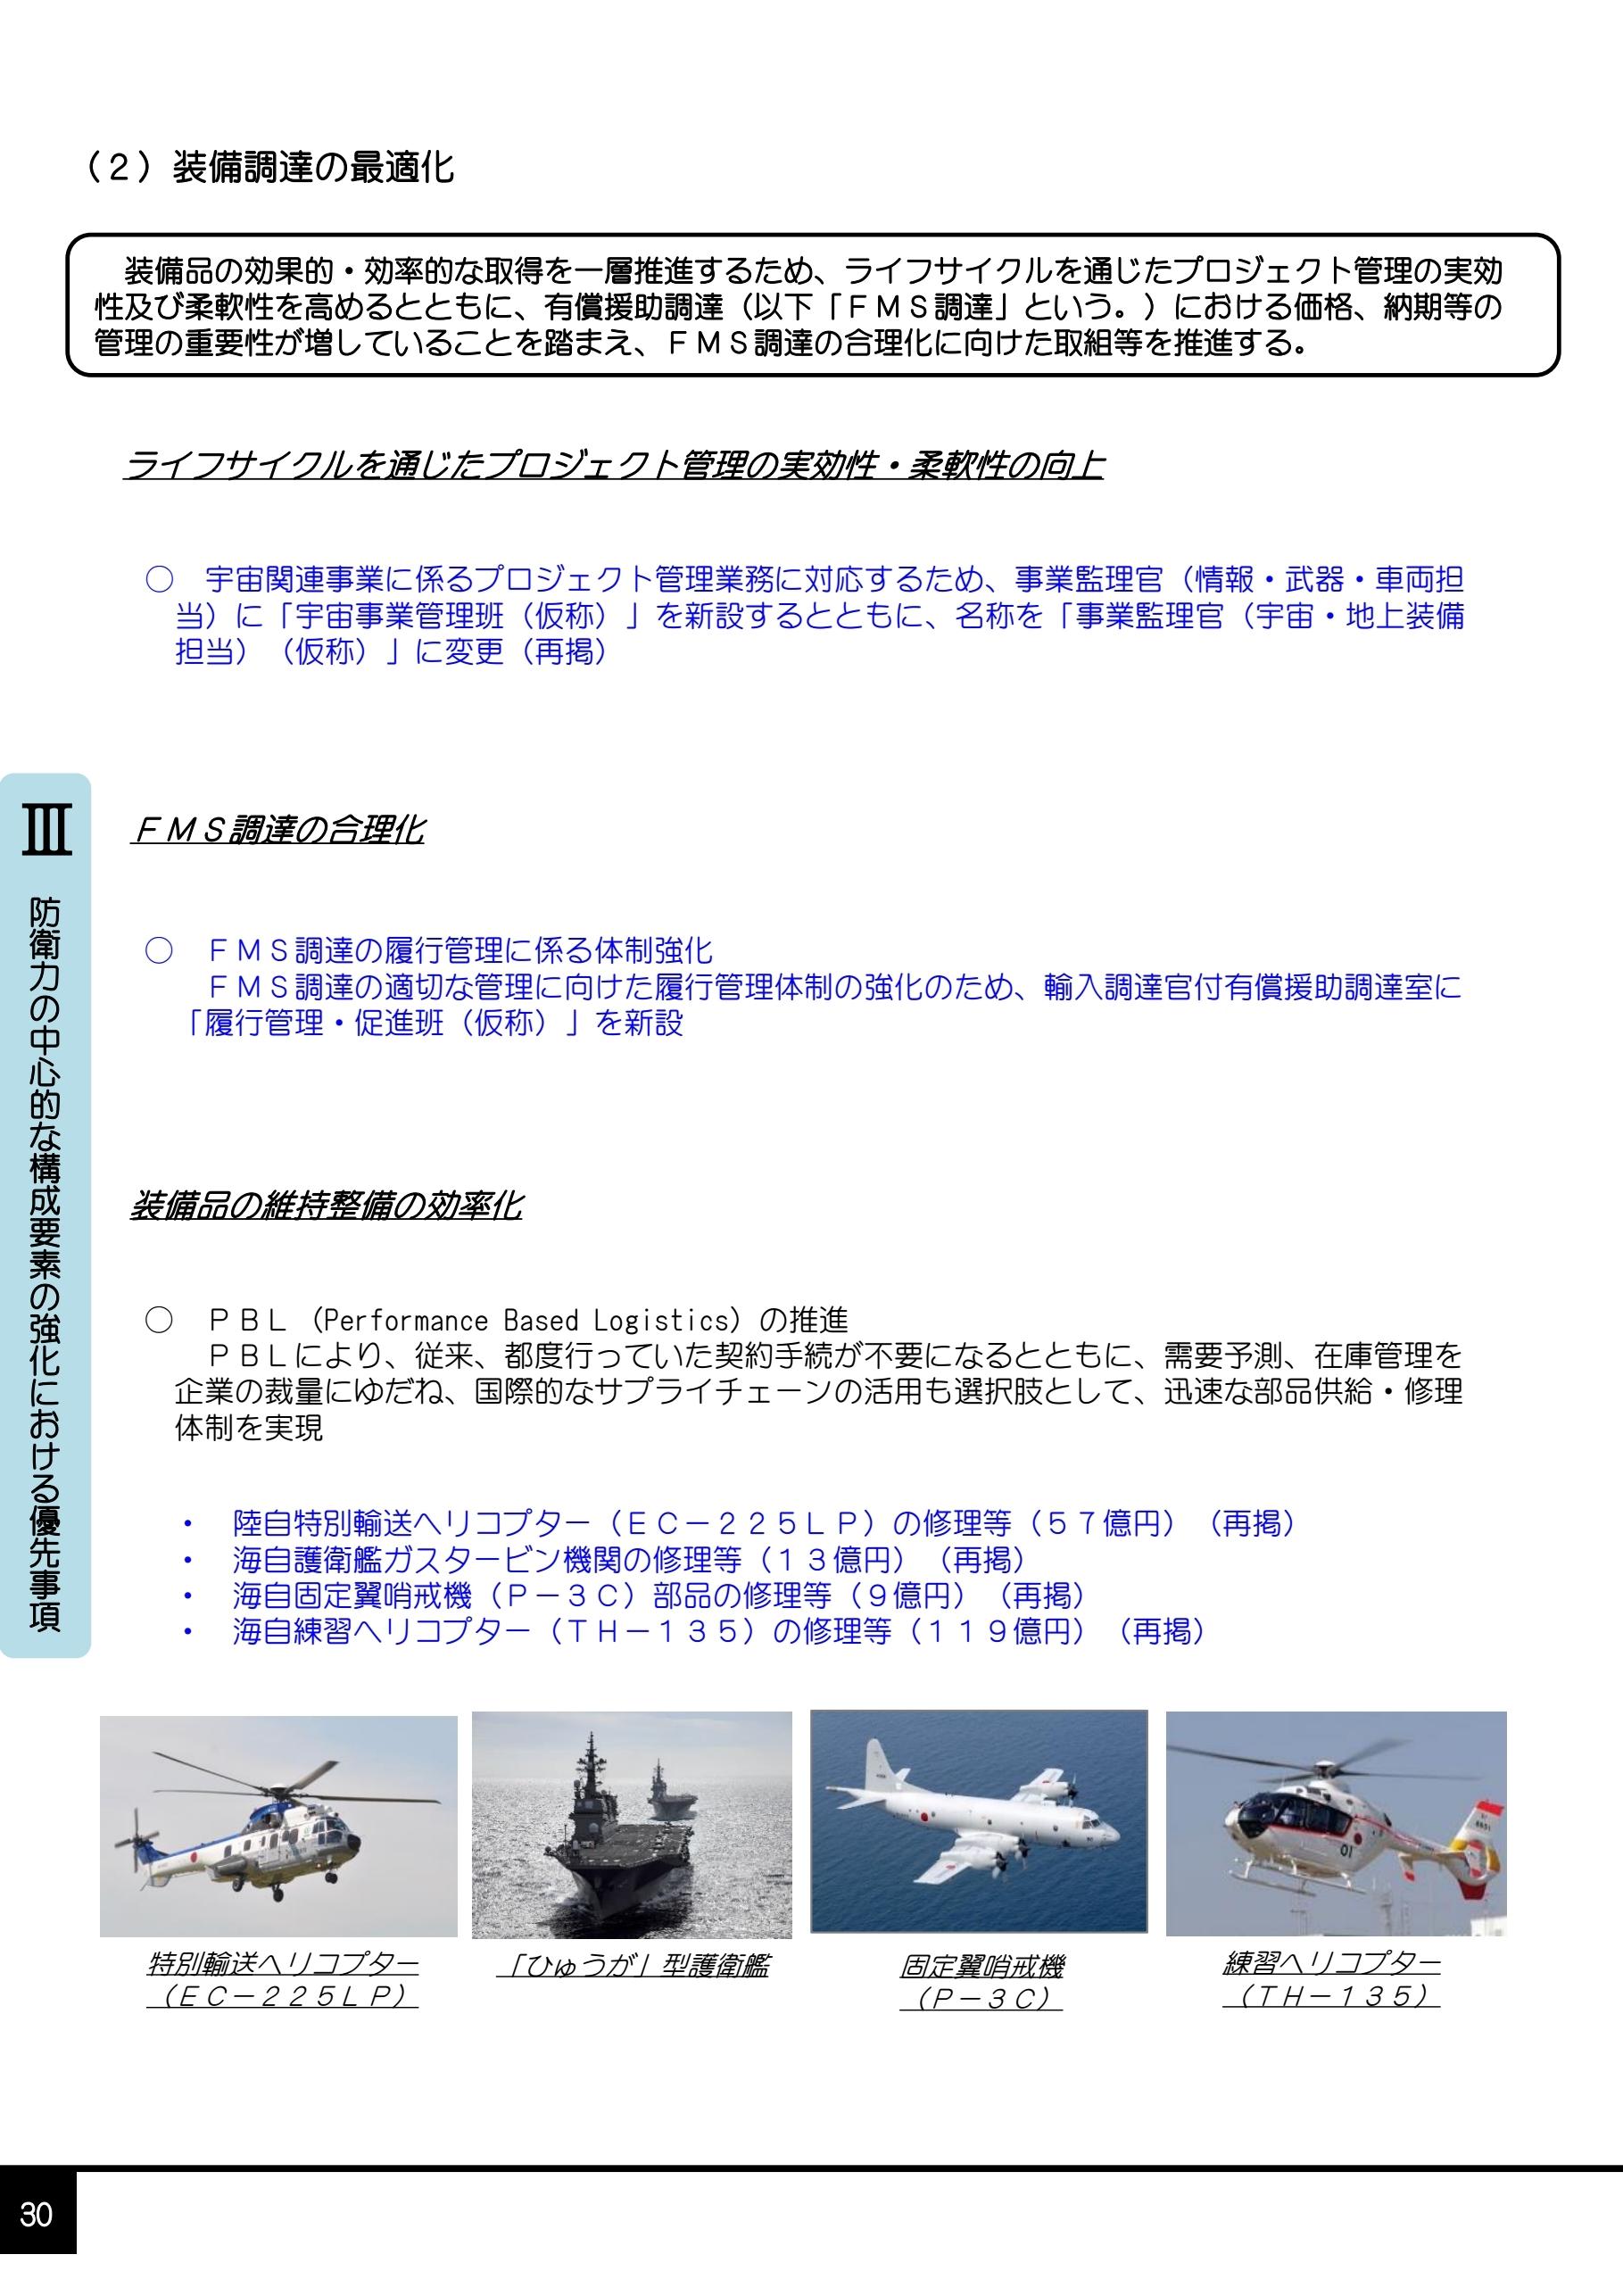 我が国の防衛と予算(案)2021年度予算の概要0034